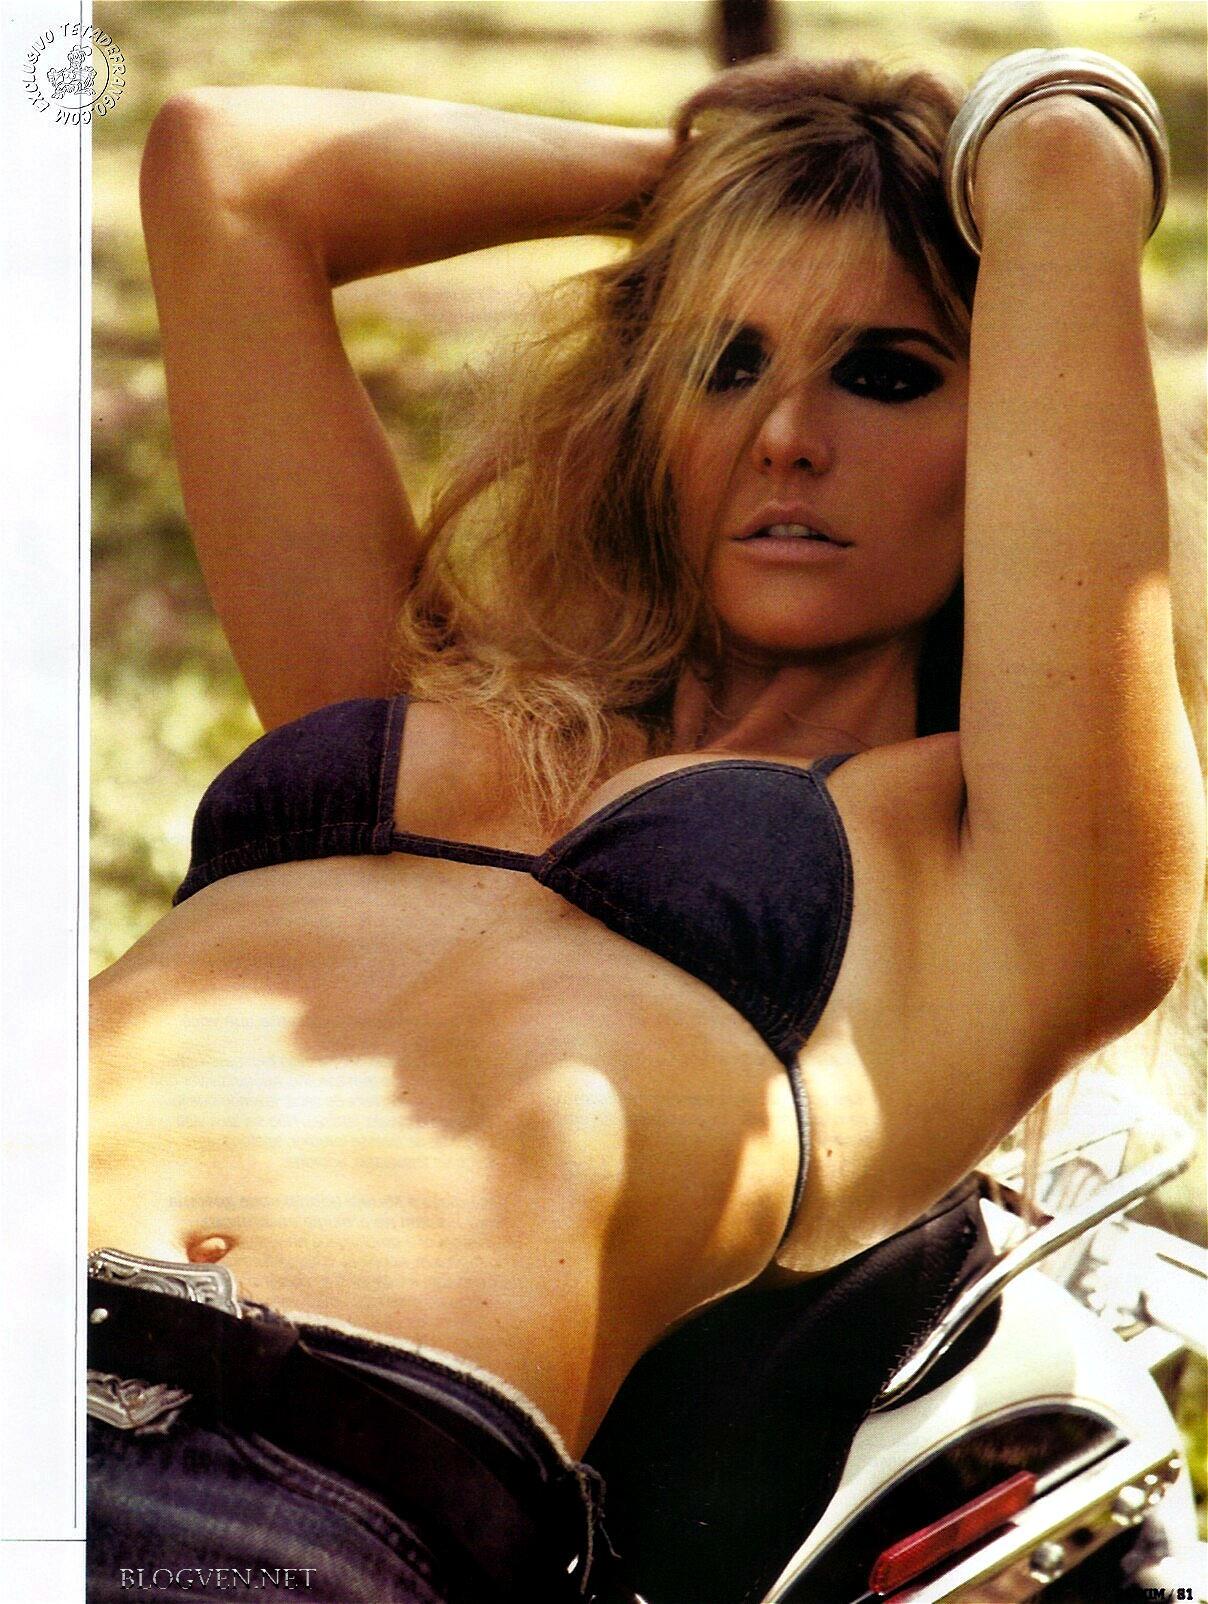 Фернанда лима бразильская модель голая 14 фотография